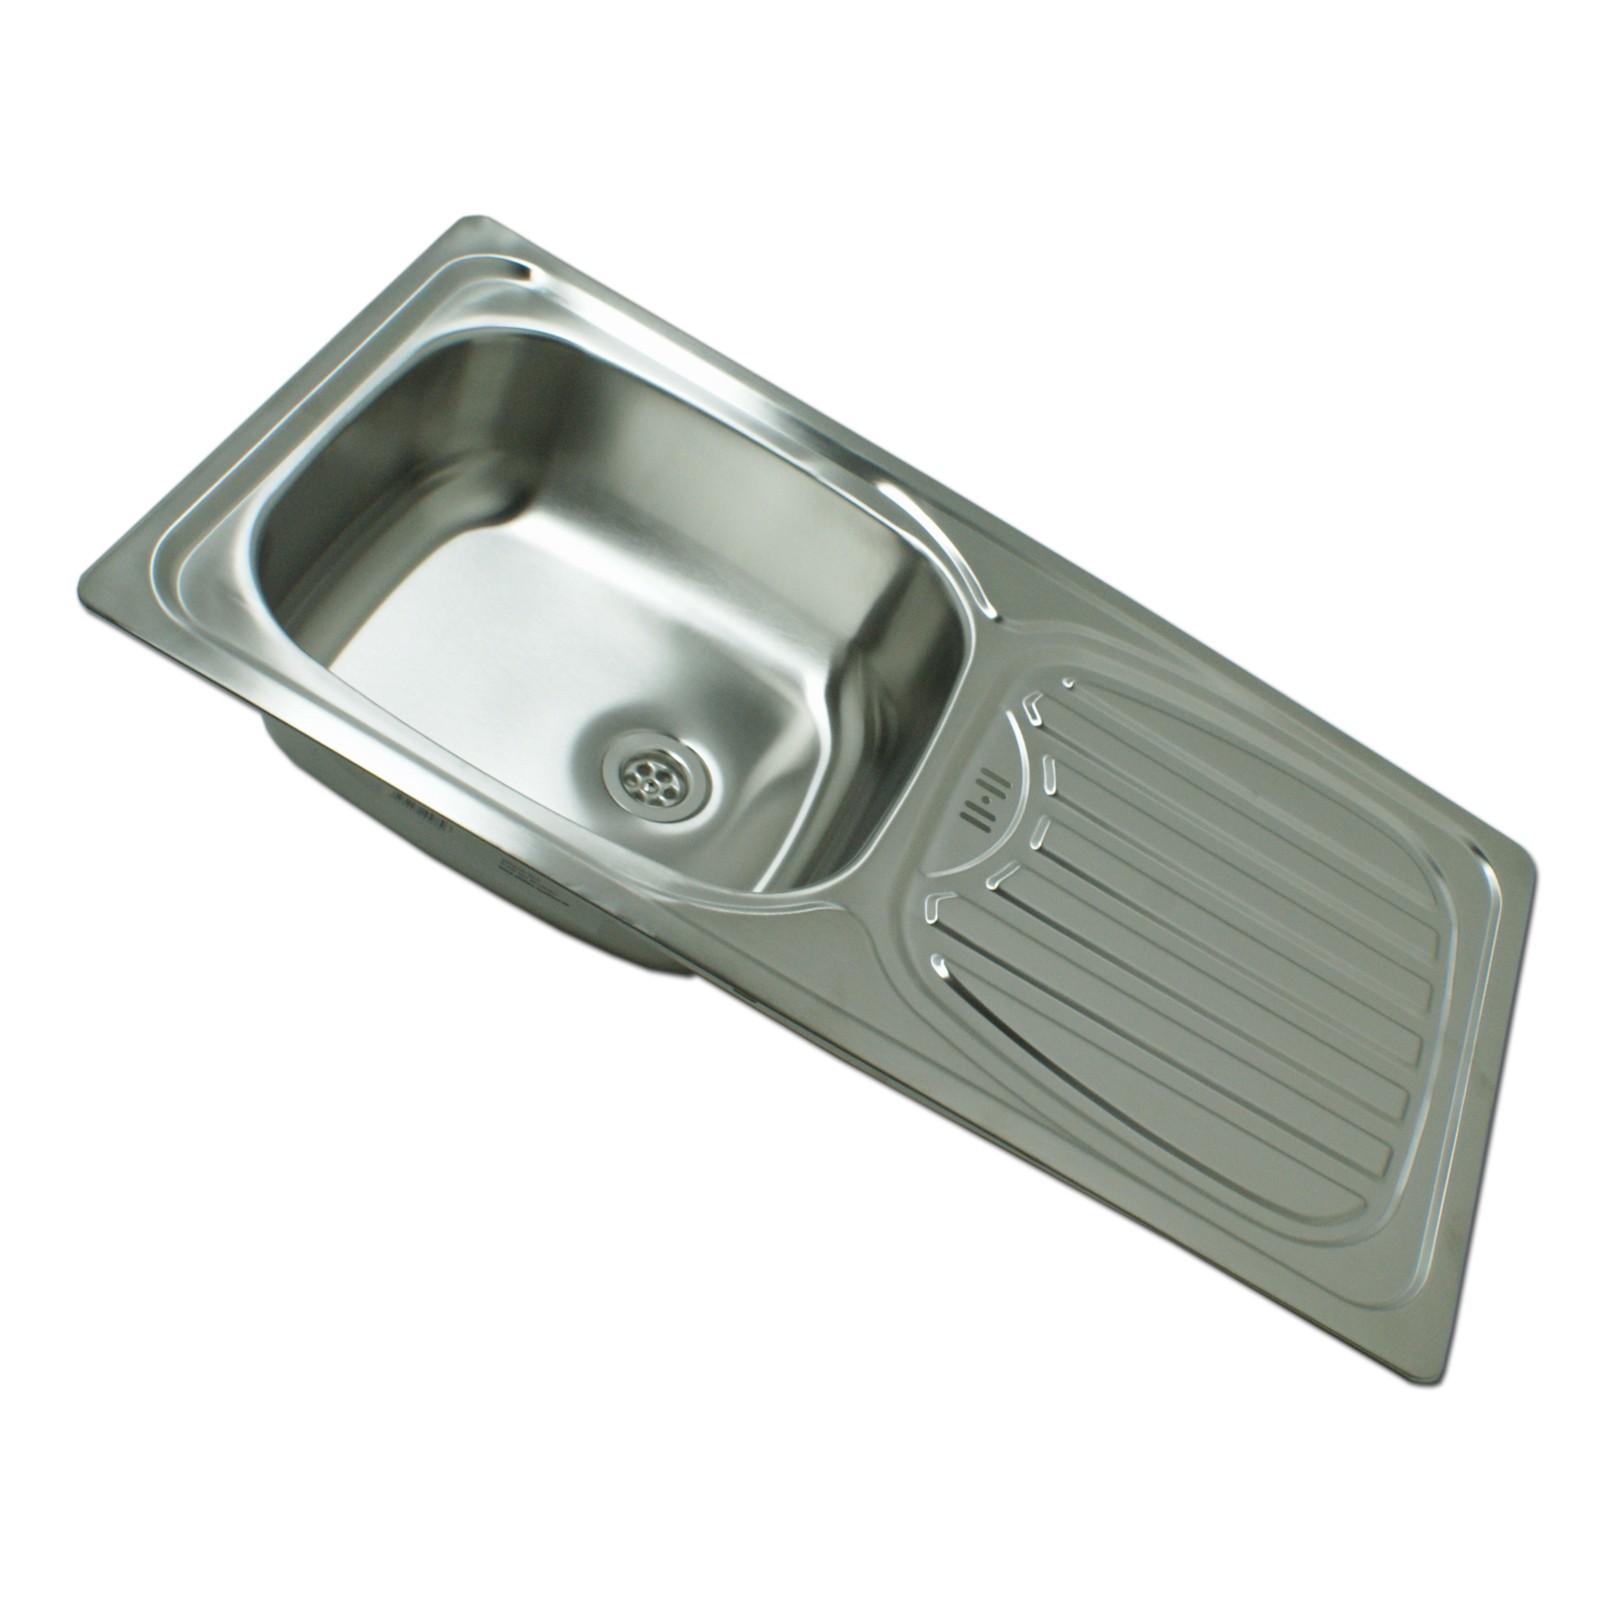 Edelstahl waschbecken spule einbauspule spulbecken for Einbauspüle